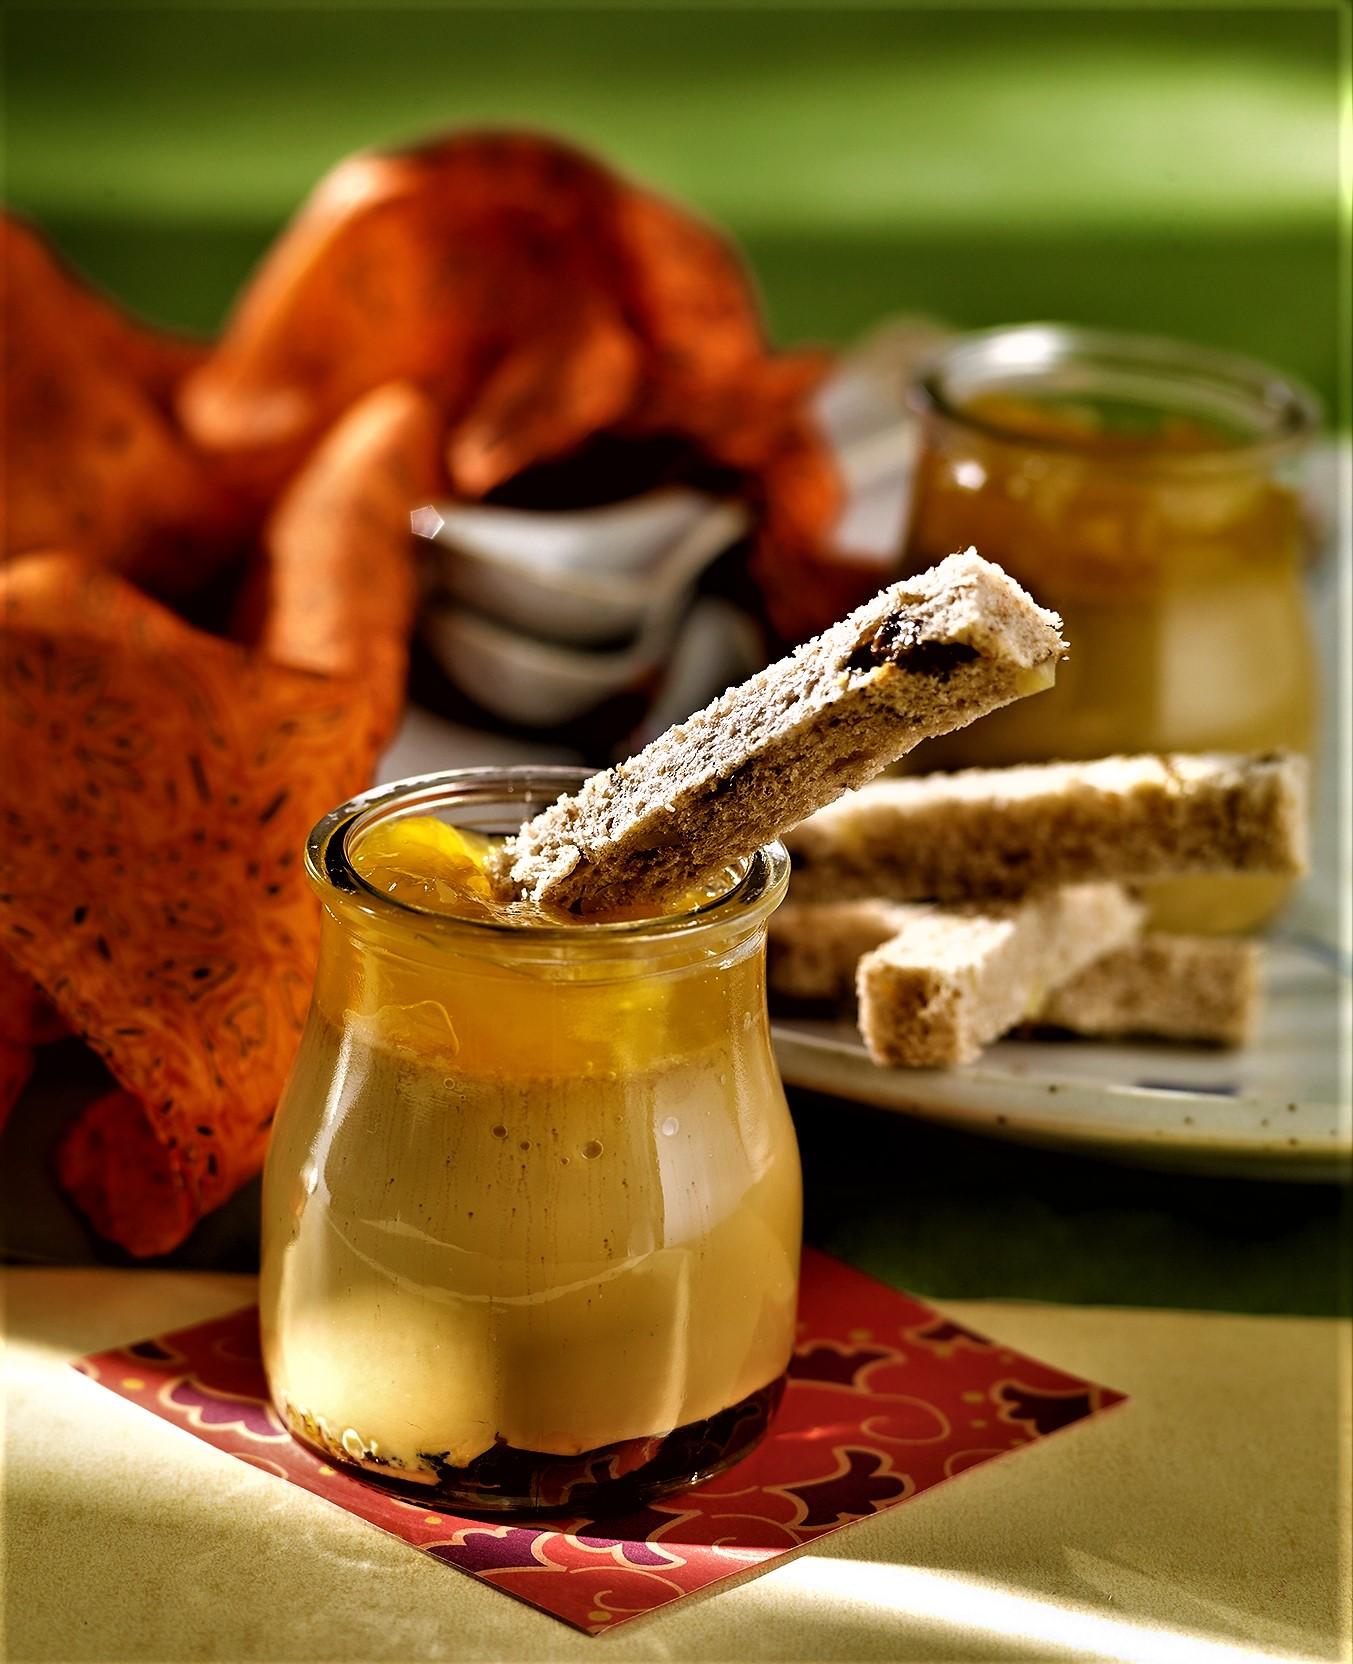 Cambia tus desayunos y meriendas s original escuela de cocina telva - Escuela cocina telva ...